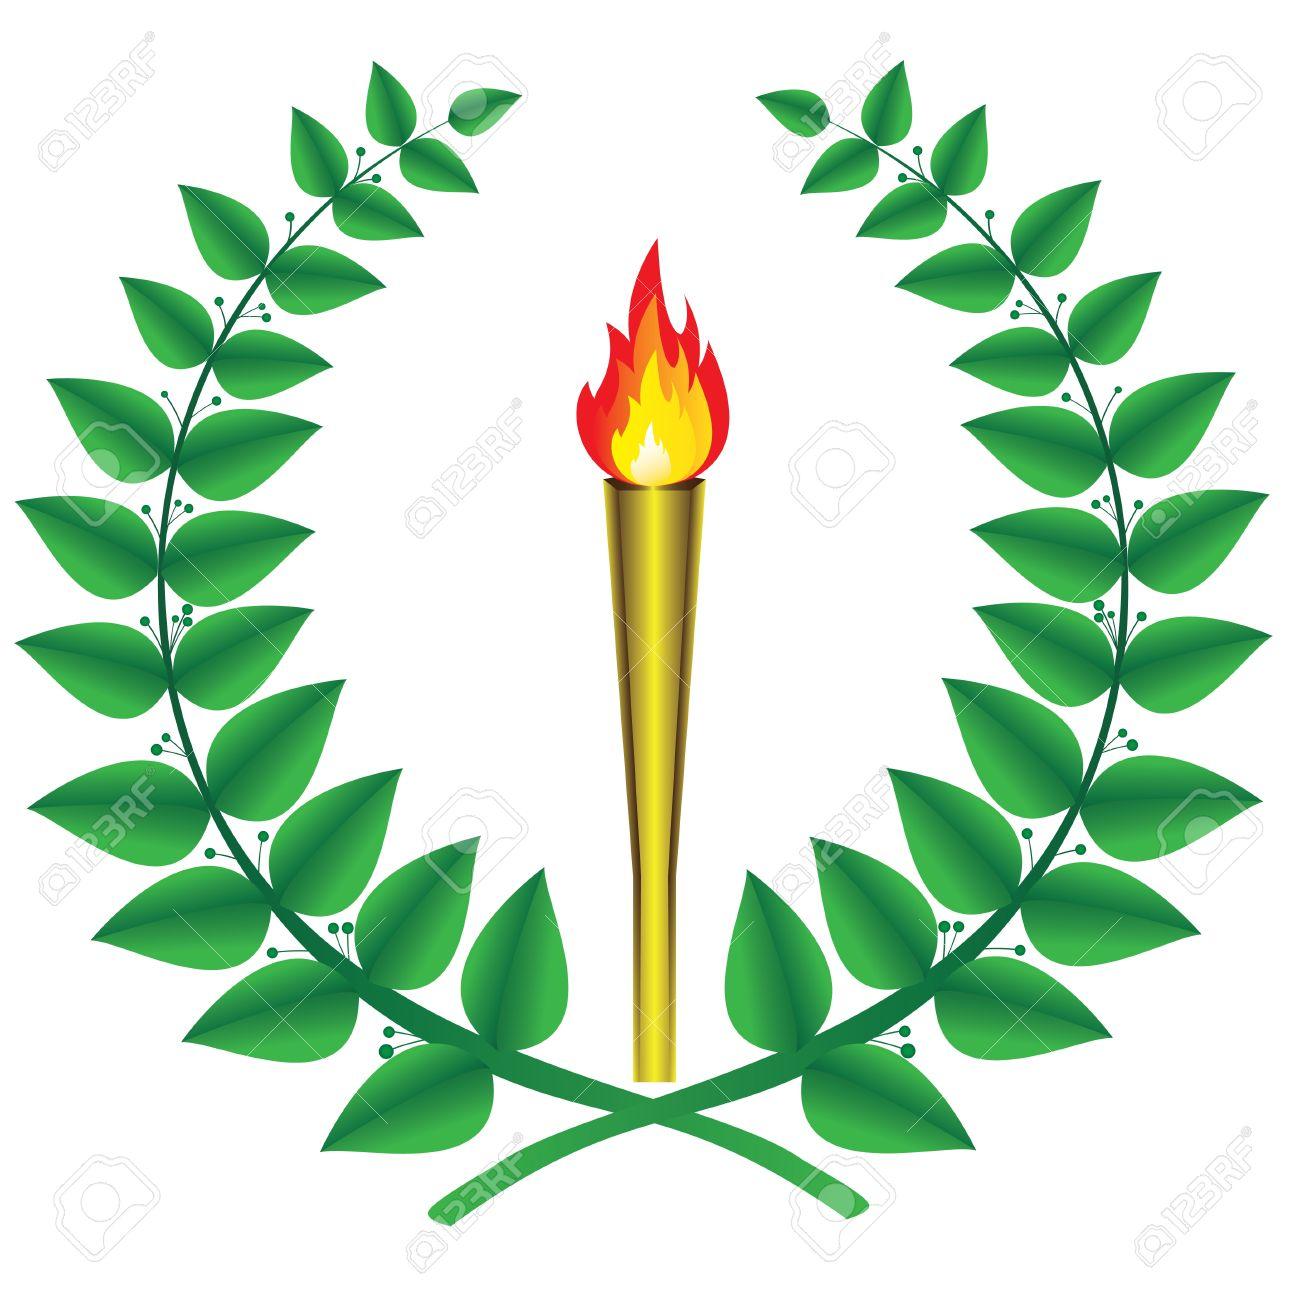 Corona Di Alloro E La Torcia Olimpica Clipart Royalty.